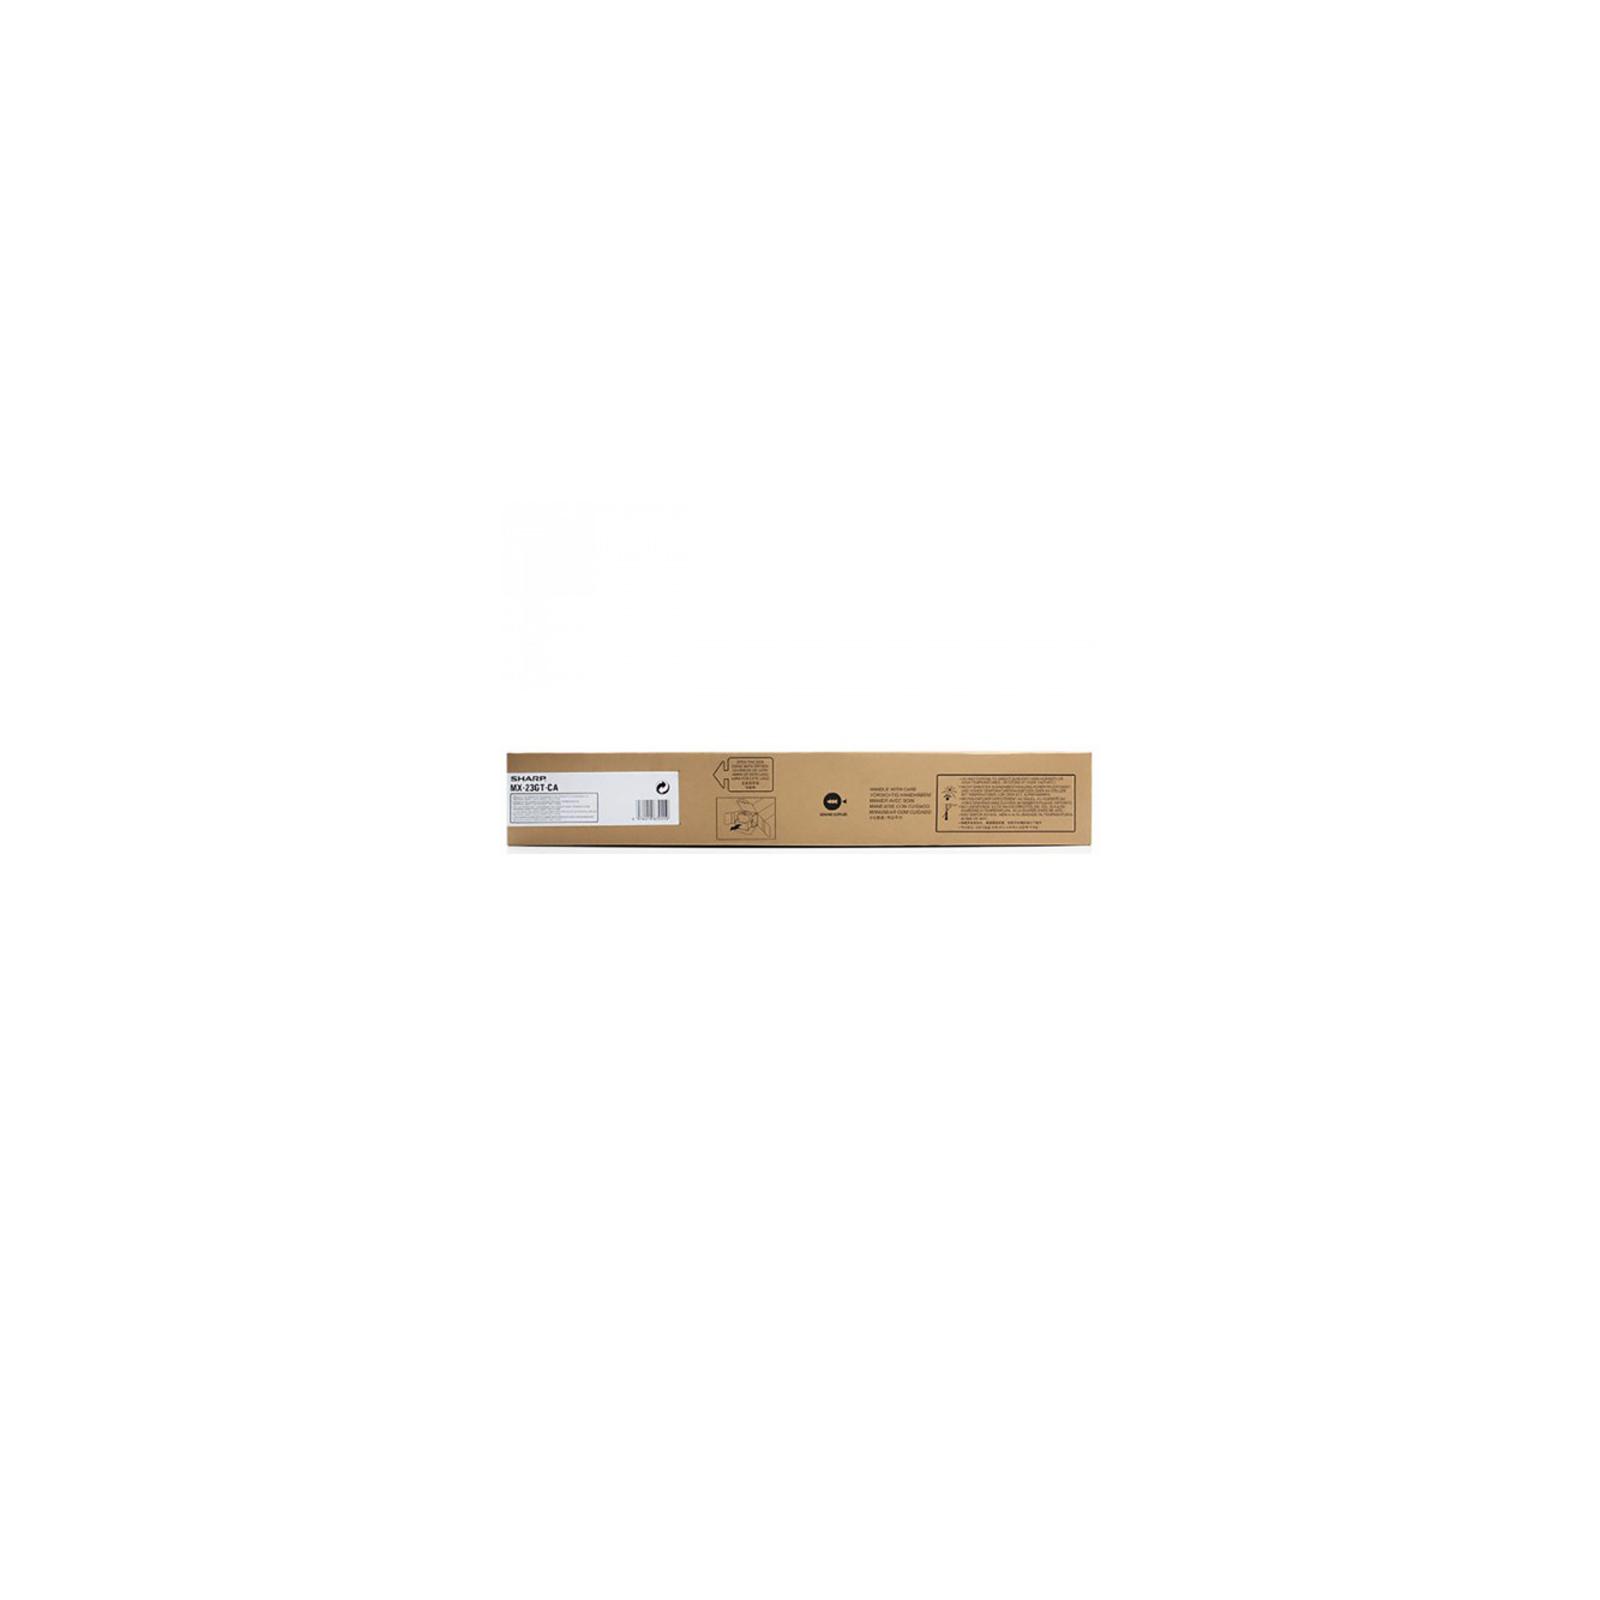 Тонер-картридж SHARP MX 23GTCA Cyan 10K (MX23GTCA/MX-23GTCA) изображение 2